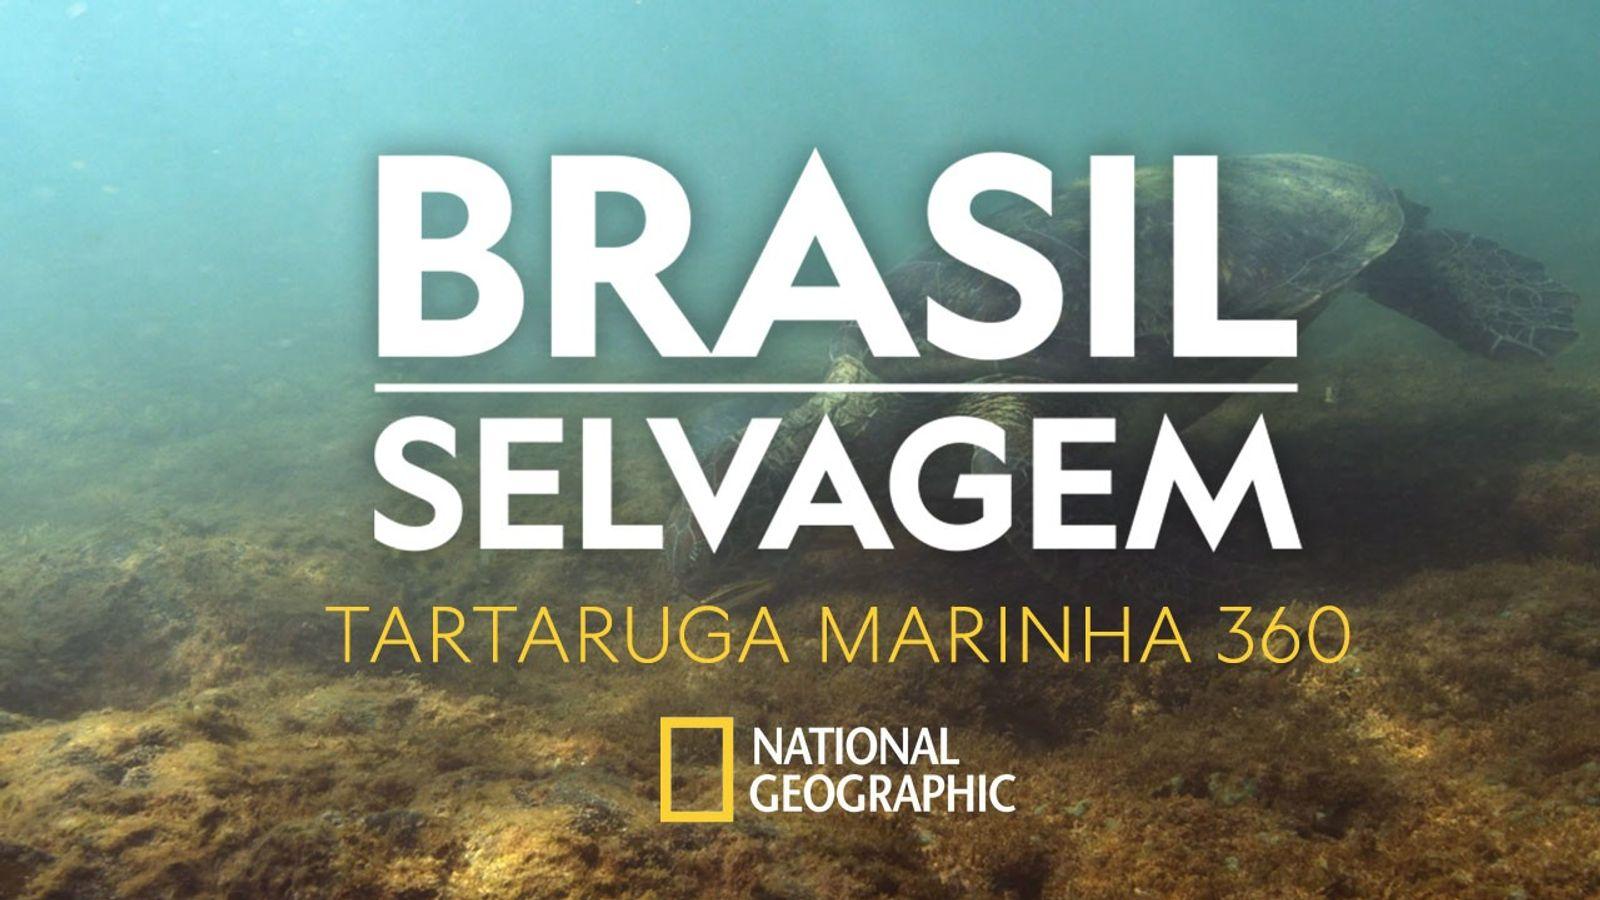 National Geographic/Divulgação